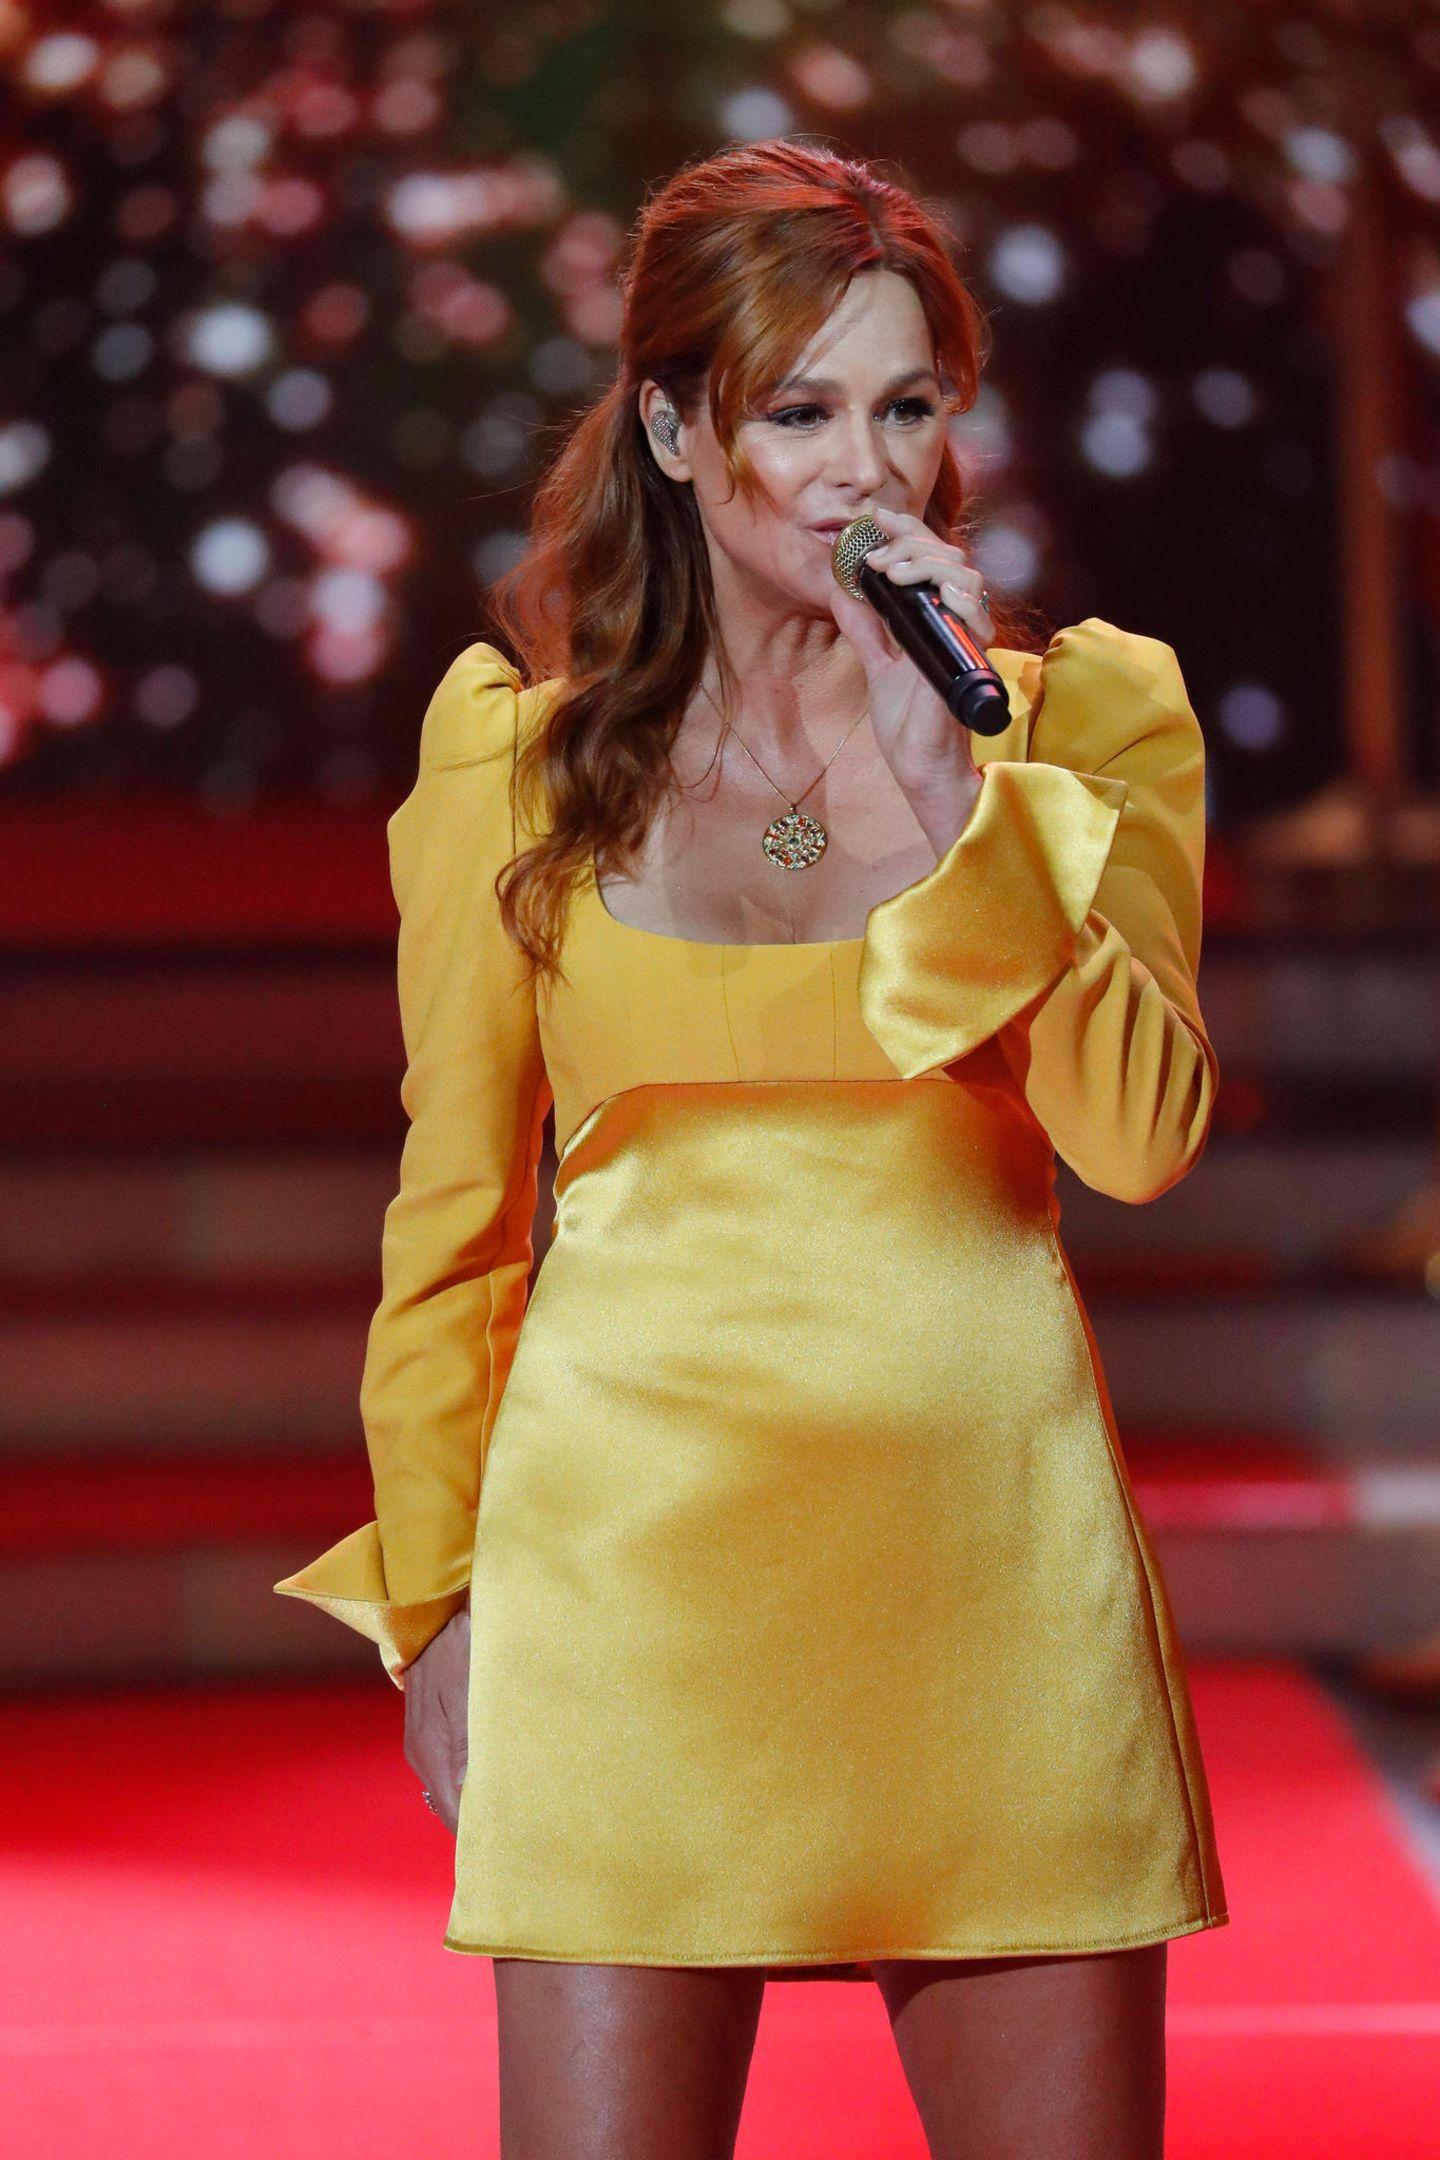 Später wechselt sie in ein kurzes gelbes Dress mit gepufften Ärmeln.